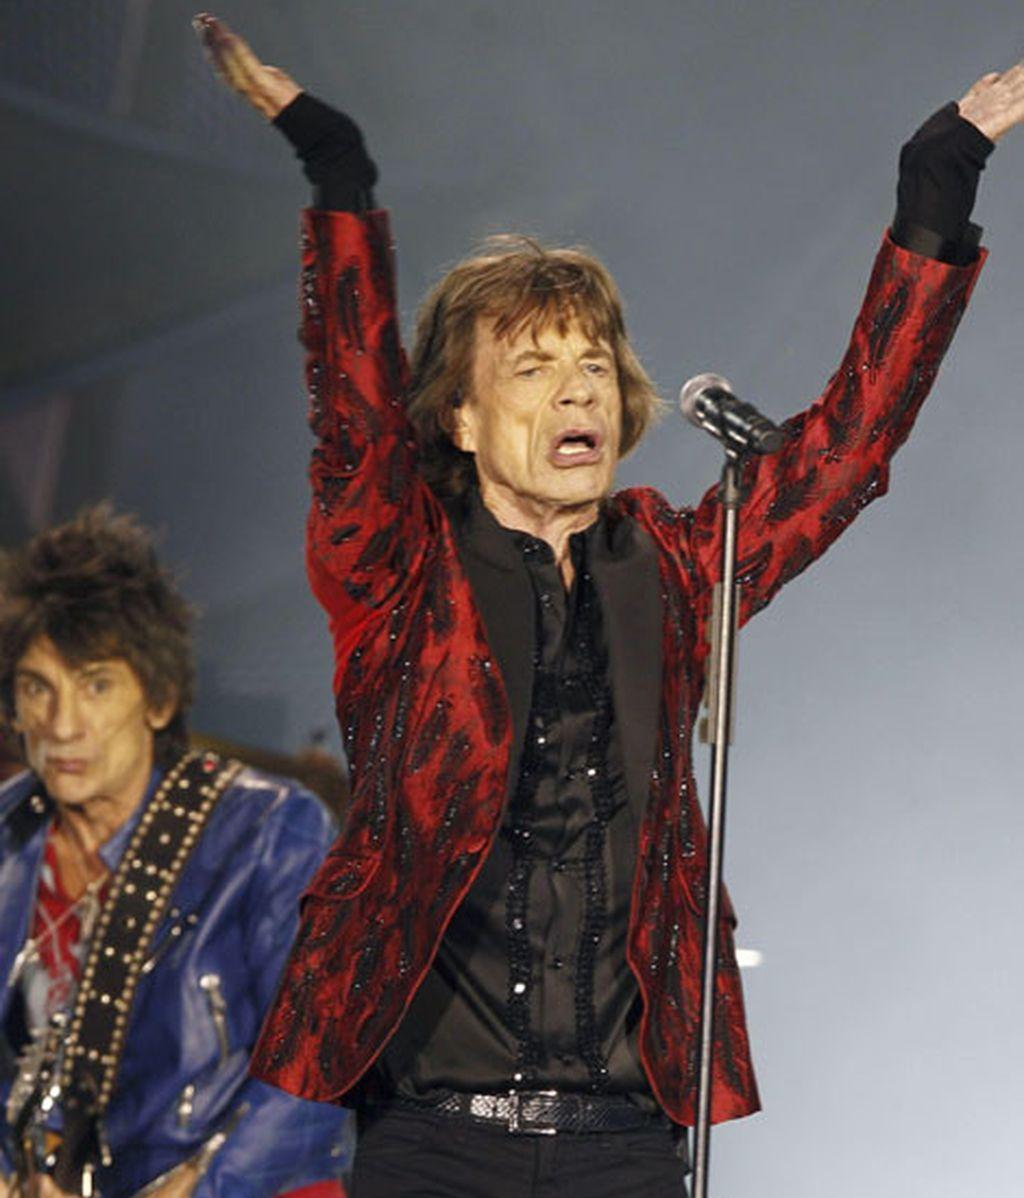 Único concierto en España de sus 'satánicas majestades'